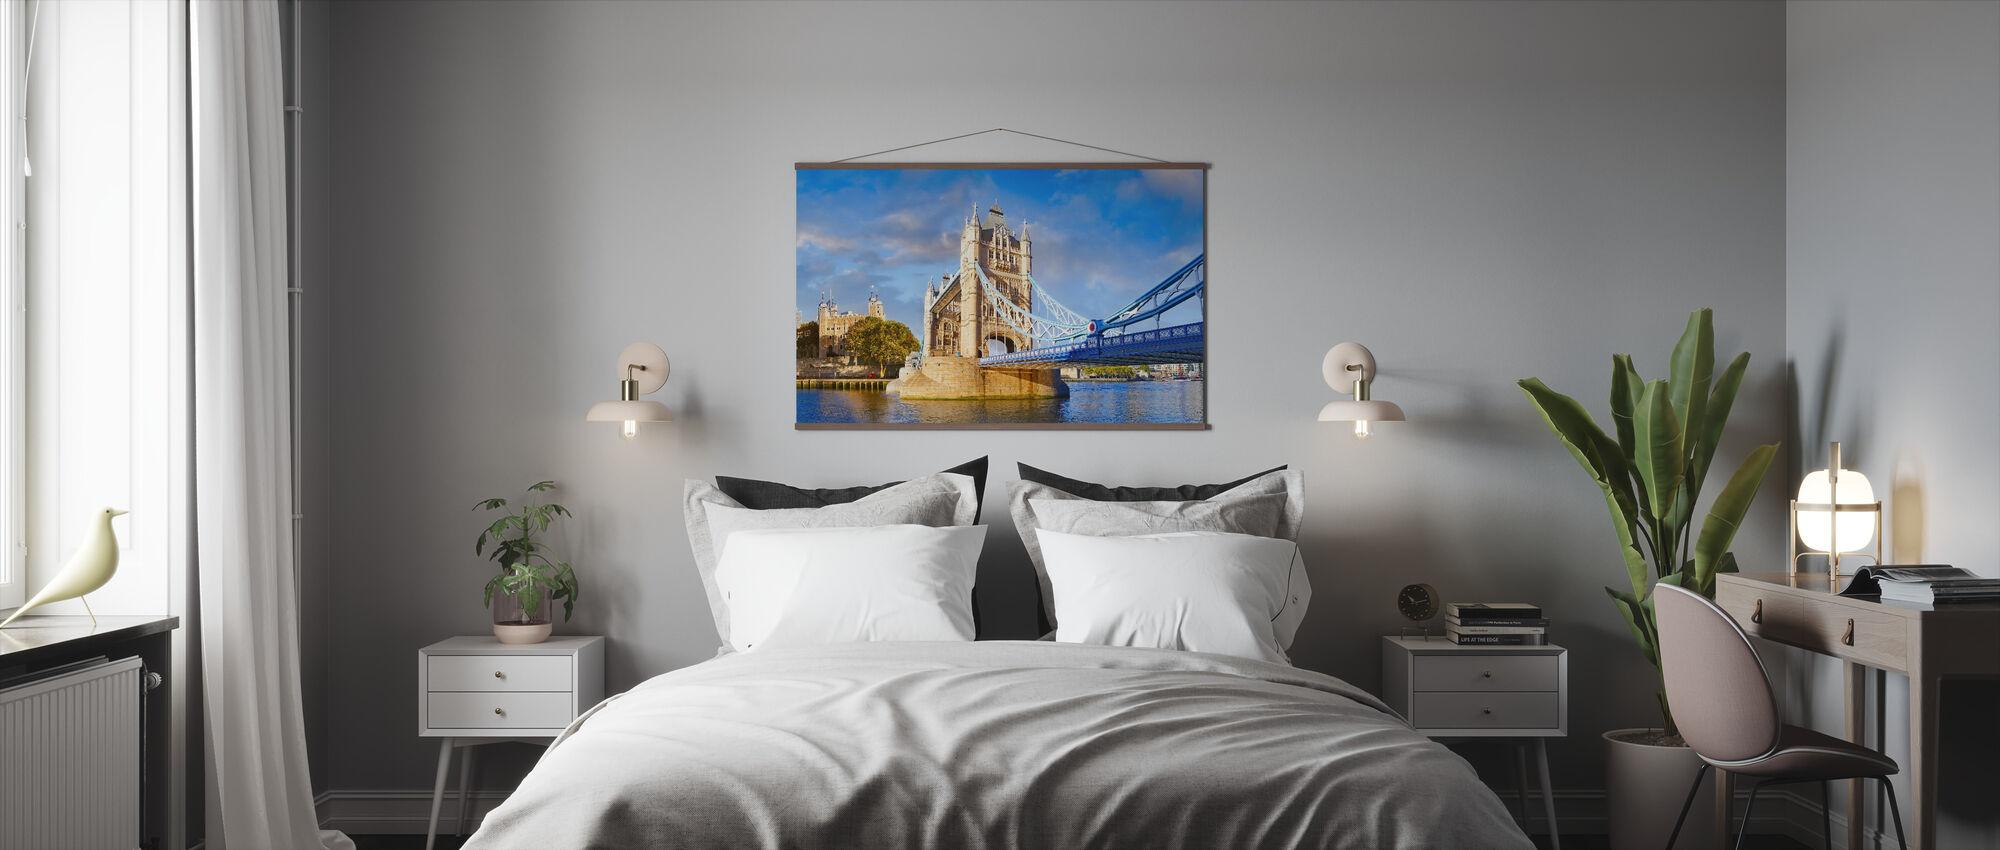 London og Tower bridge - Plakat - Soverom